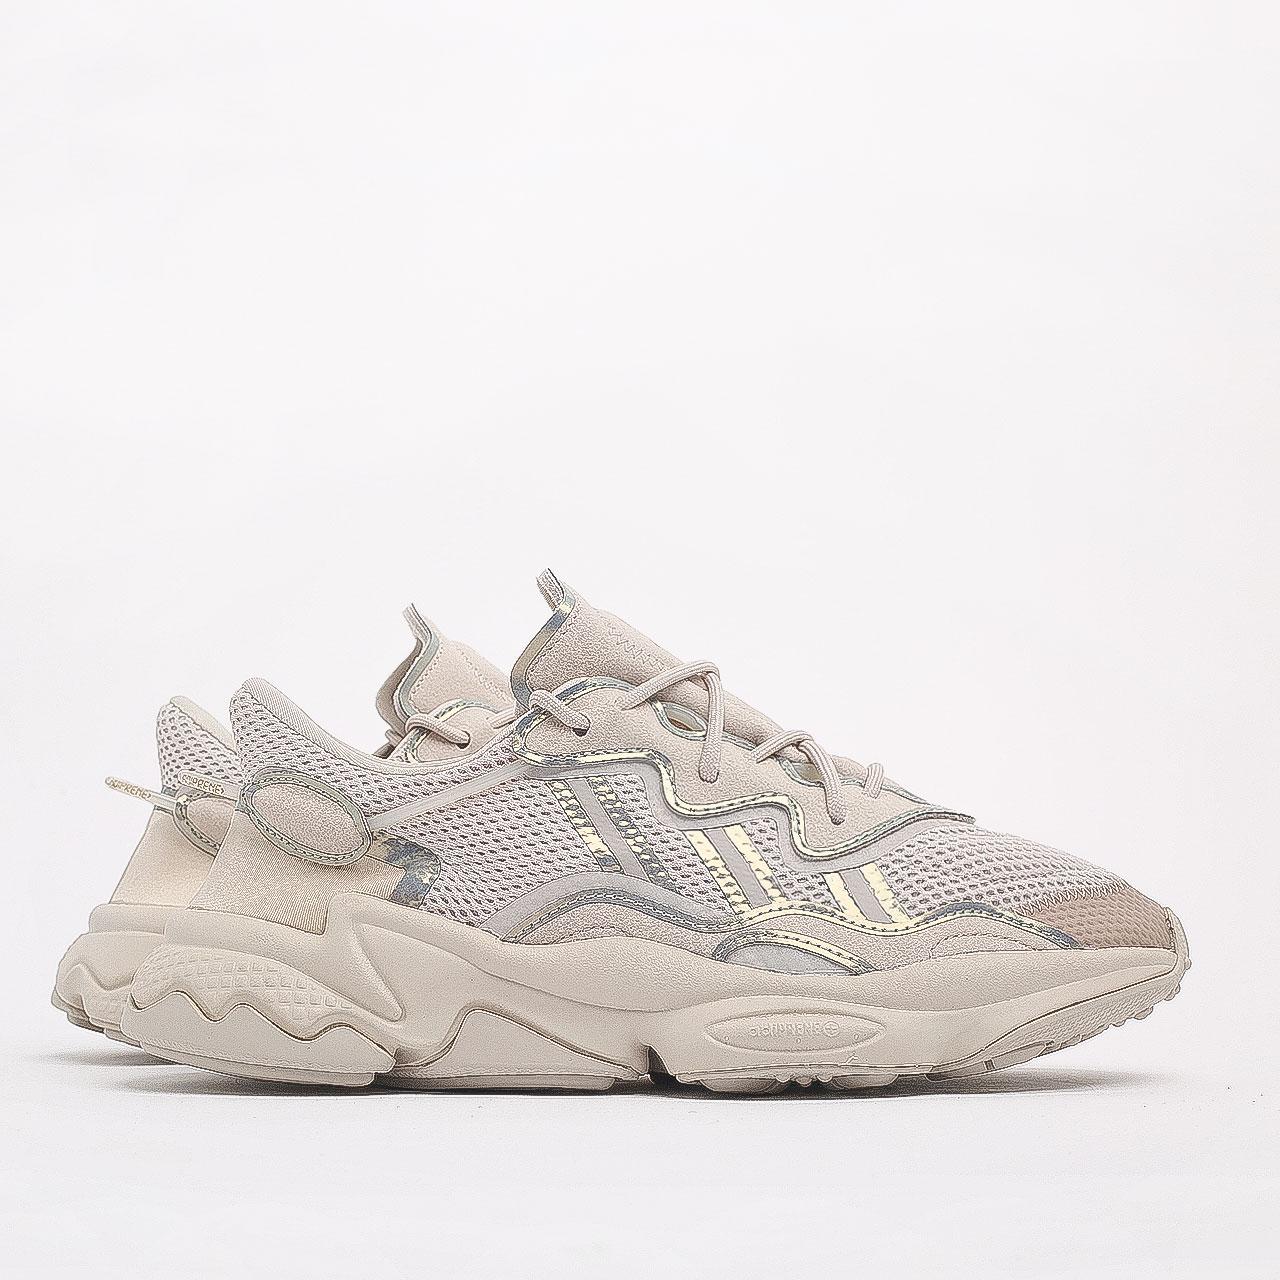 Купить бежевые мужские кроссовки Ozweego  от adidas Originals (FV9655) по цене 9990 рублей